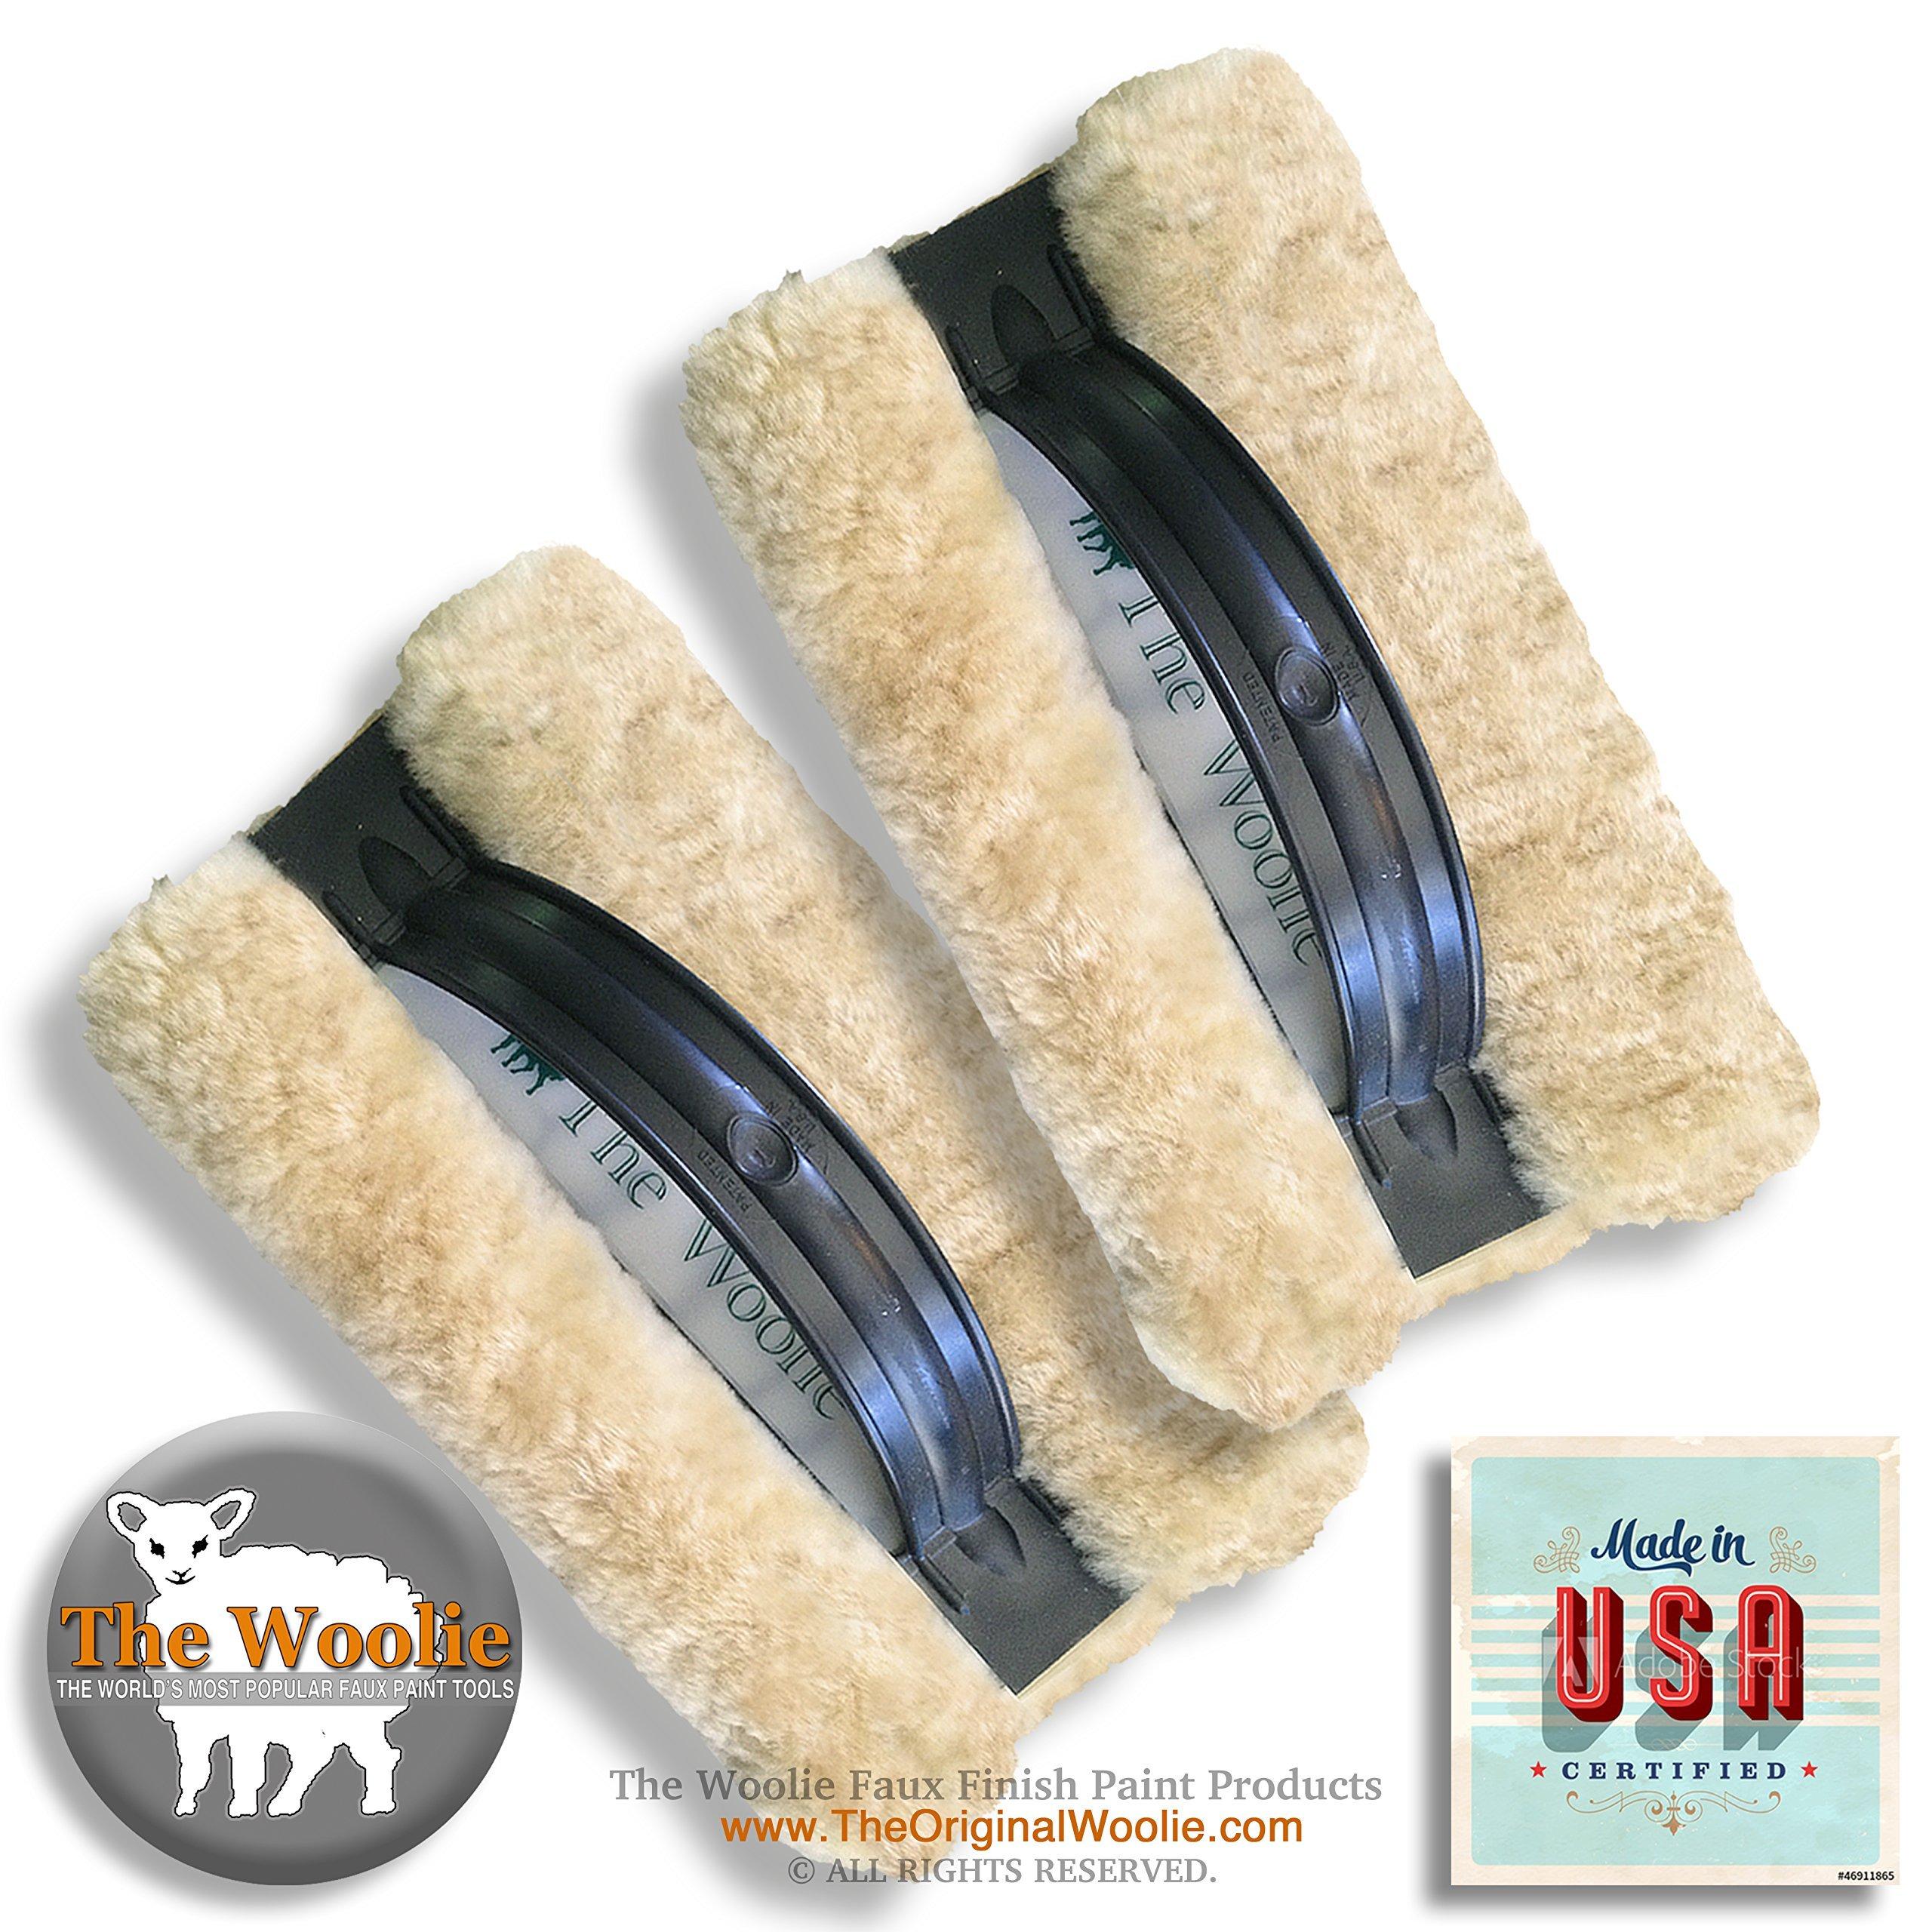 The Woolie ORIGINAL & OFFICIAL Faux Finish Paint Technique 100% Sheepskin Pad VALUE 2-PACK (BLK)